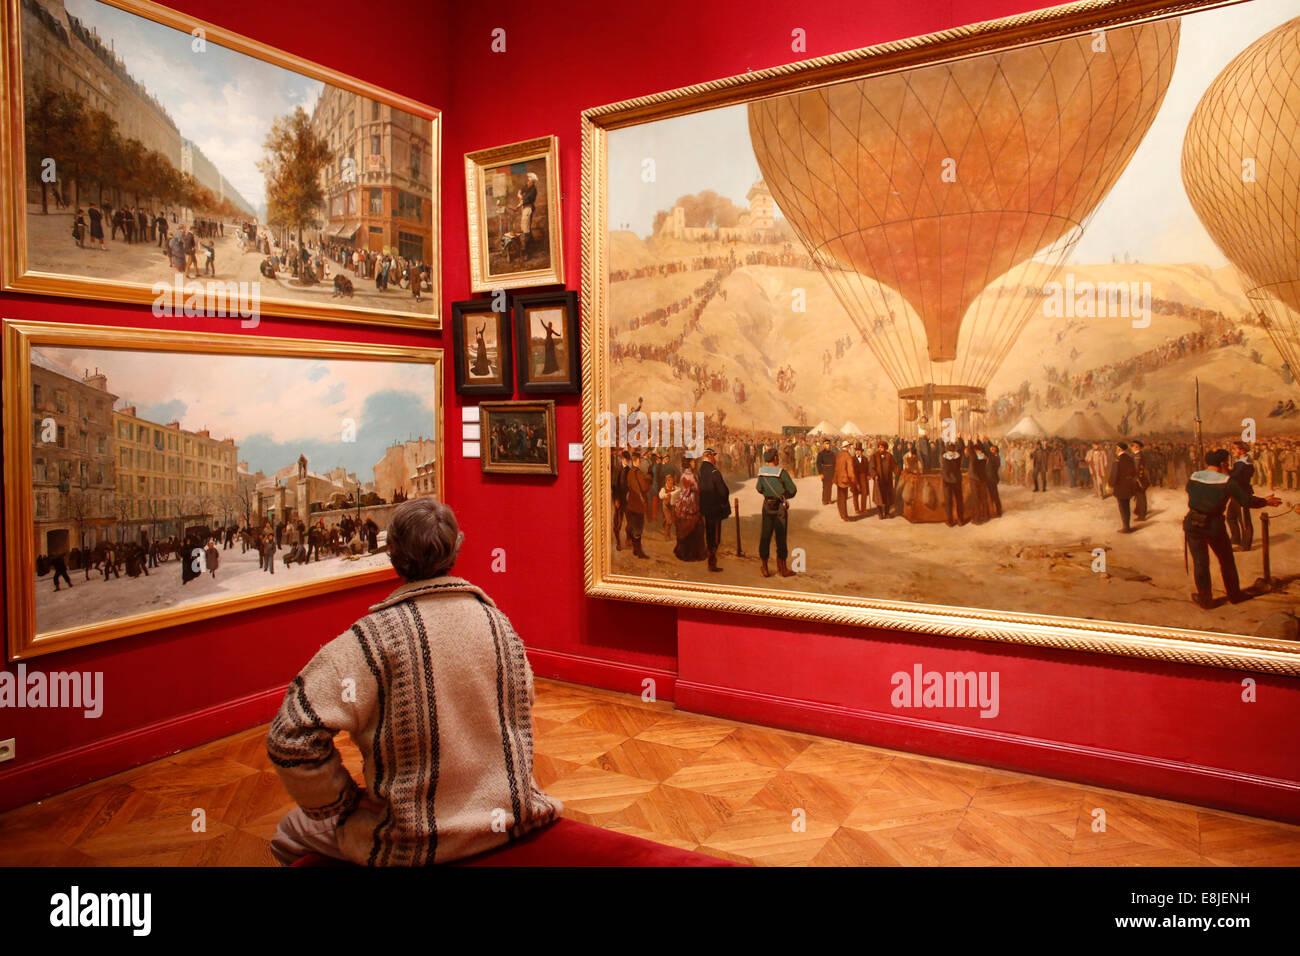 Carnavalet Museum in Paris. - Stock Image